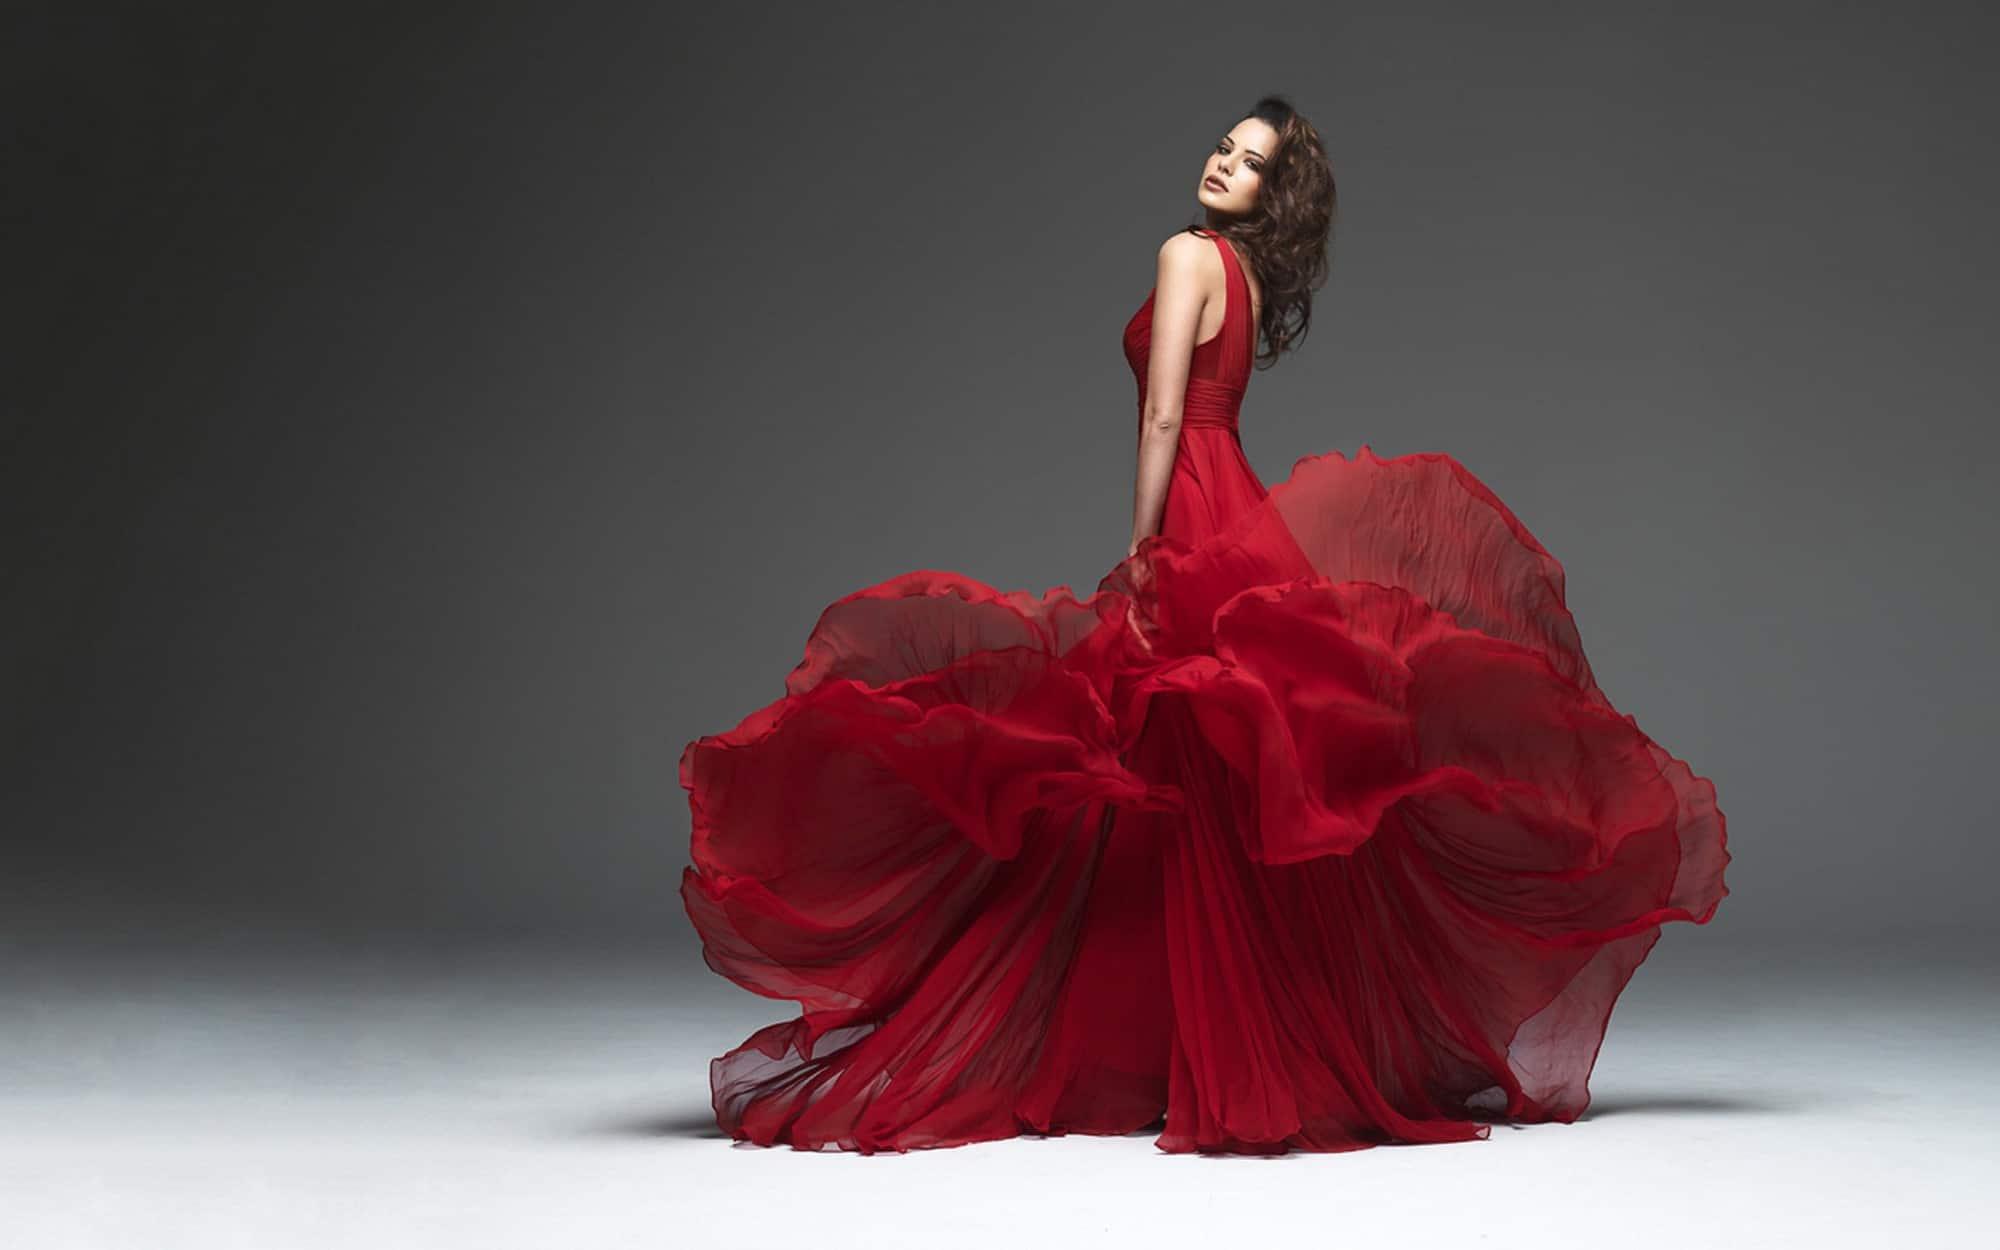 81fde42e9 لبس الفستان الأحمر في المنام للمتزوجة - موسوعة